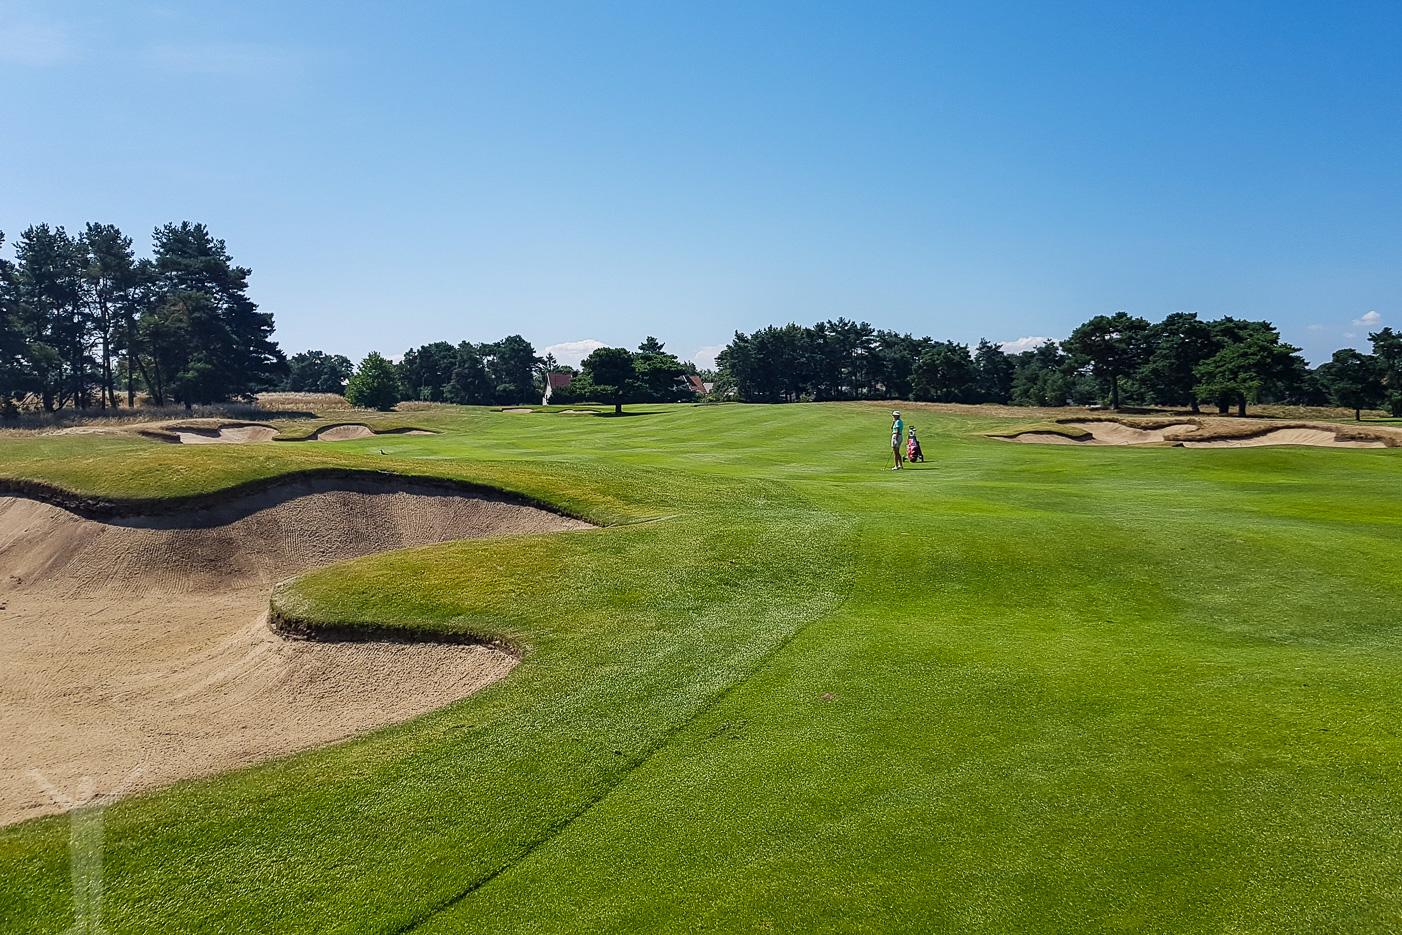 Fairway och golf på Åhus östra golfbana